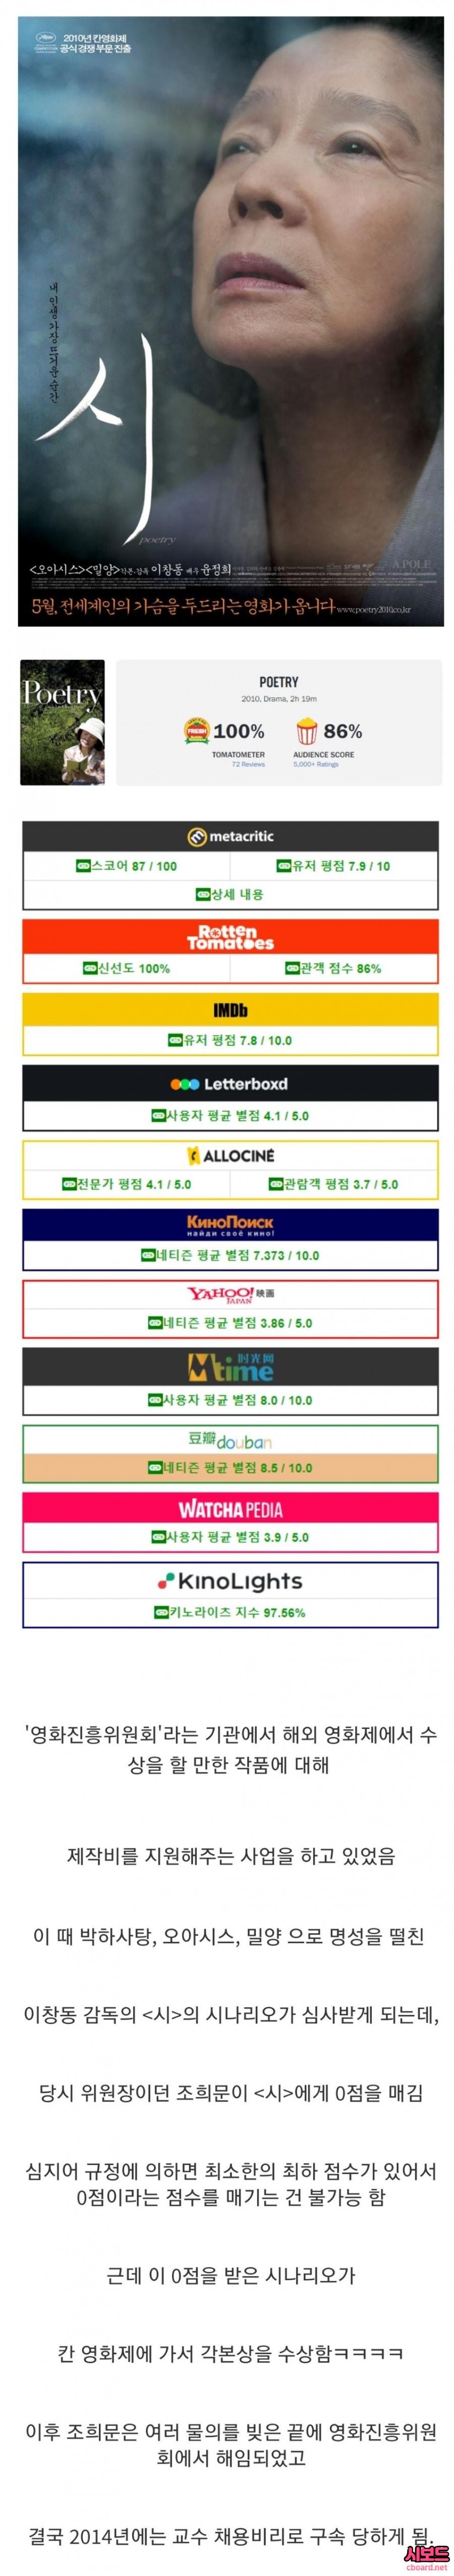 대한민국 영화계 올타임 레전드 사건.jpg -cboard